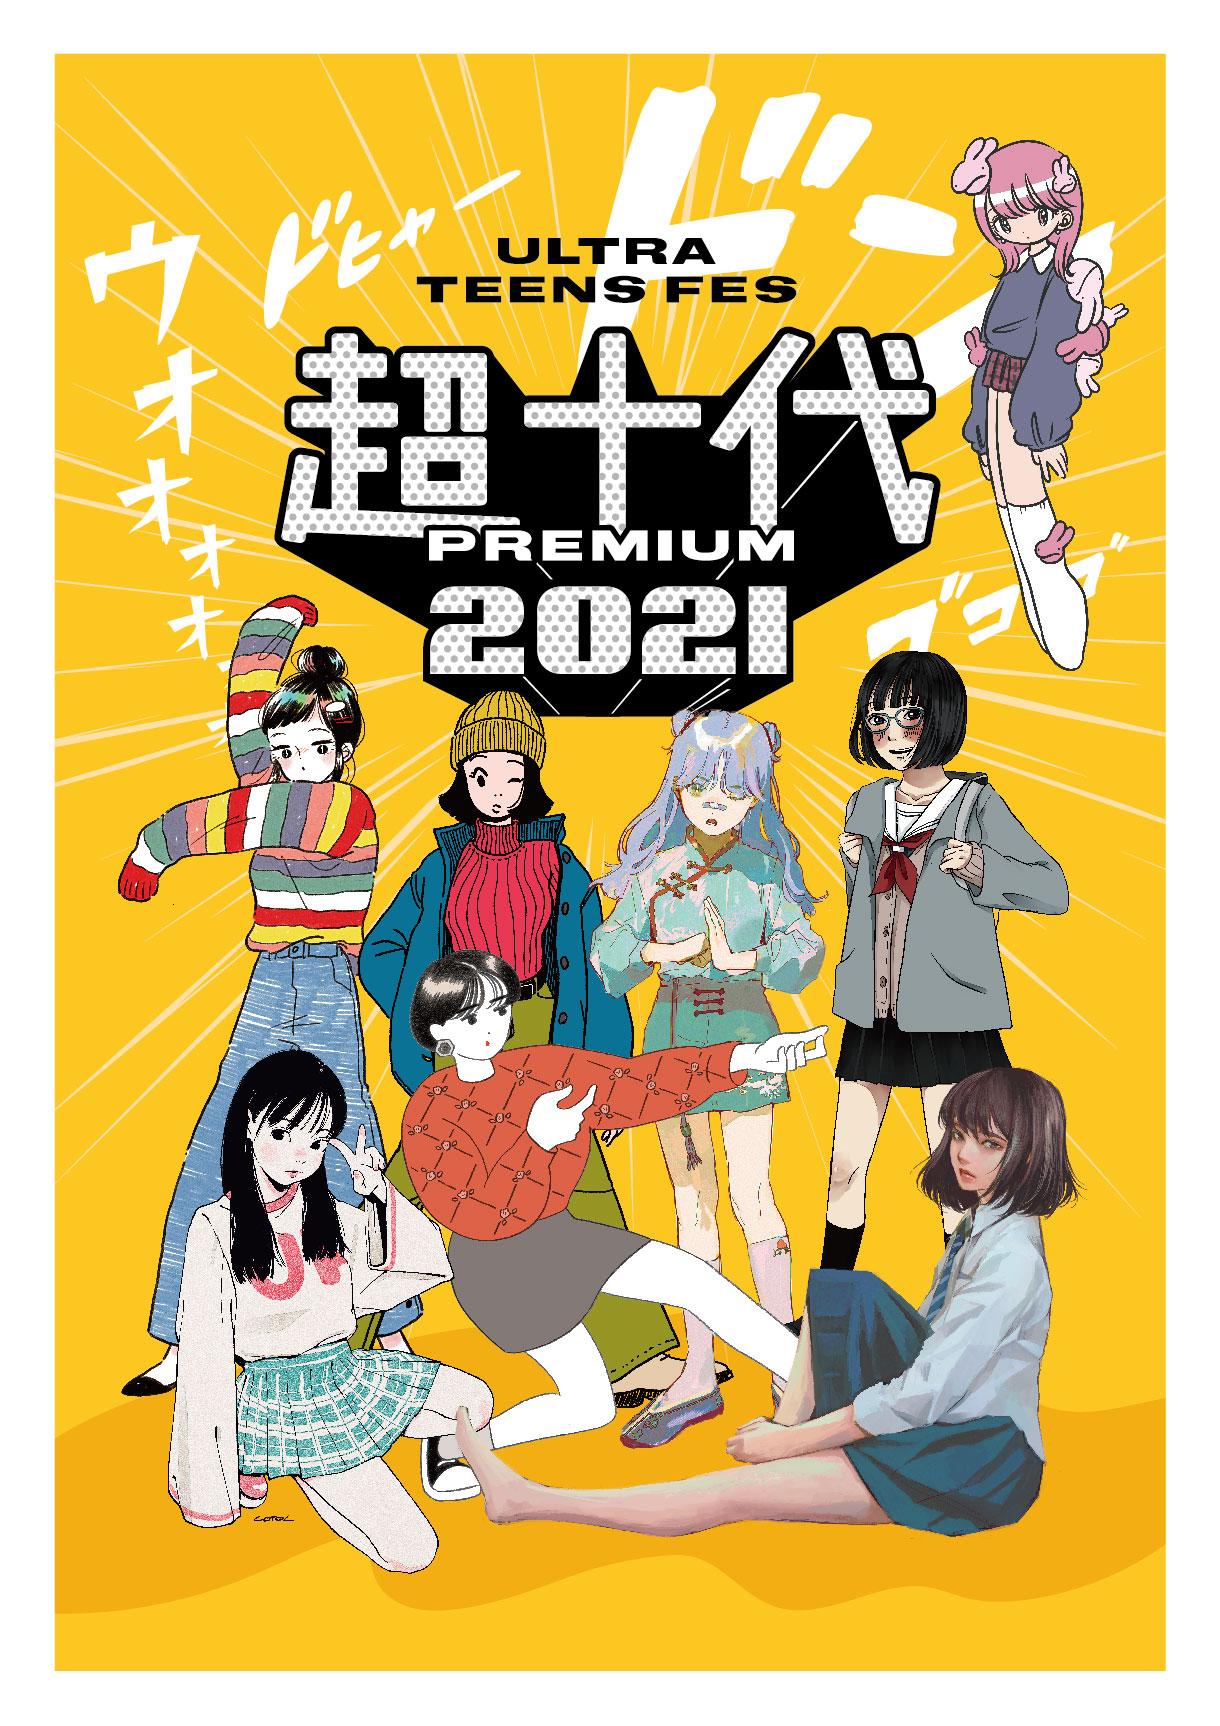 超十代 -ULTRA TEENS FES- 2021 PREMIUM キービジュアル